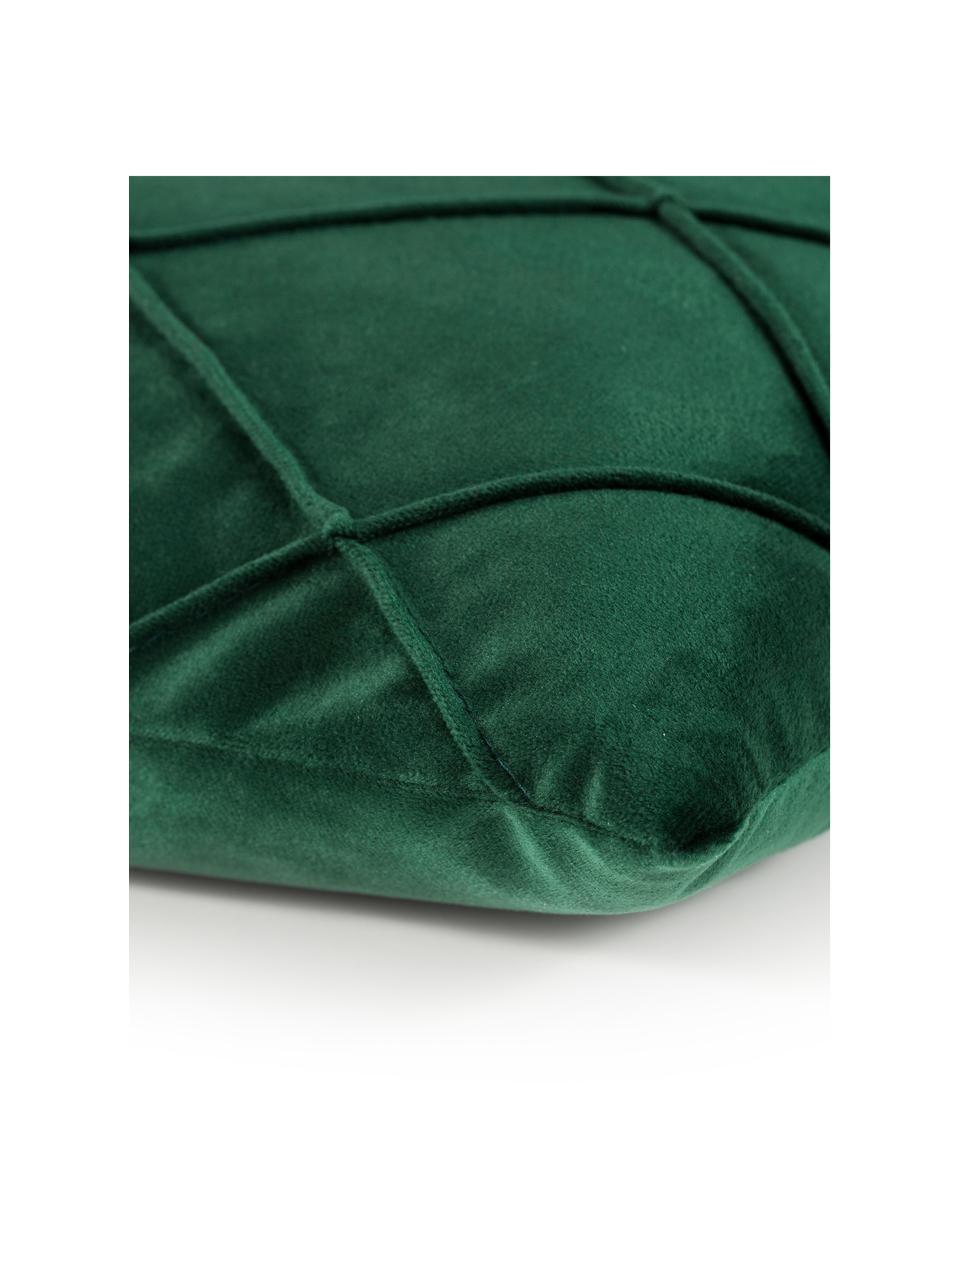 Federa arredo in velluto con motivo a rombi Nobless, 100% velluto di poliestere, Verde, Larg. 50 x Lung. 50 cm